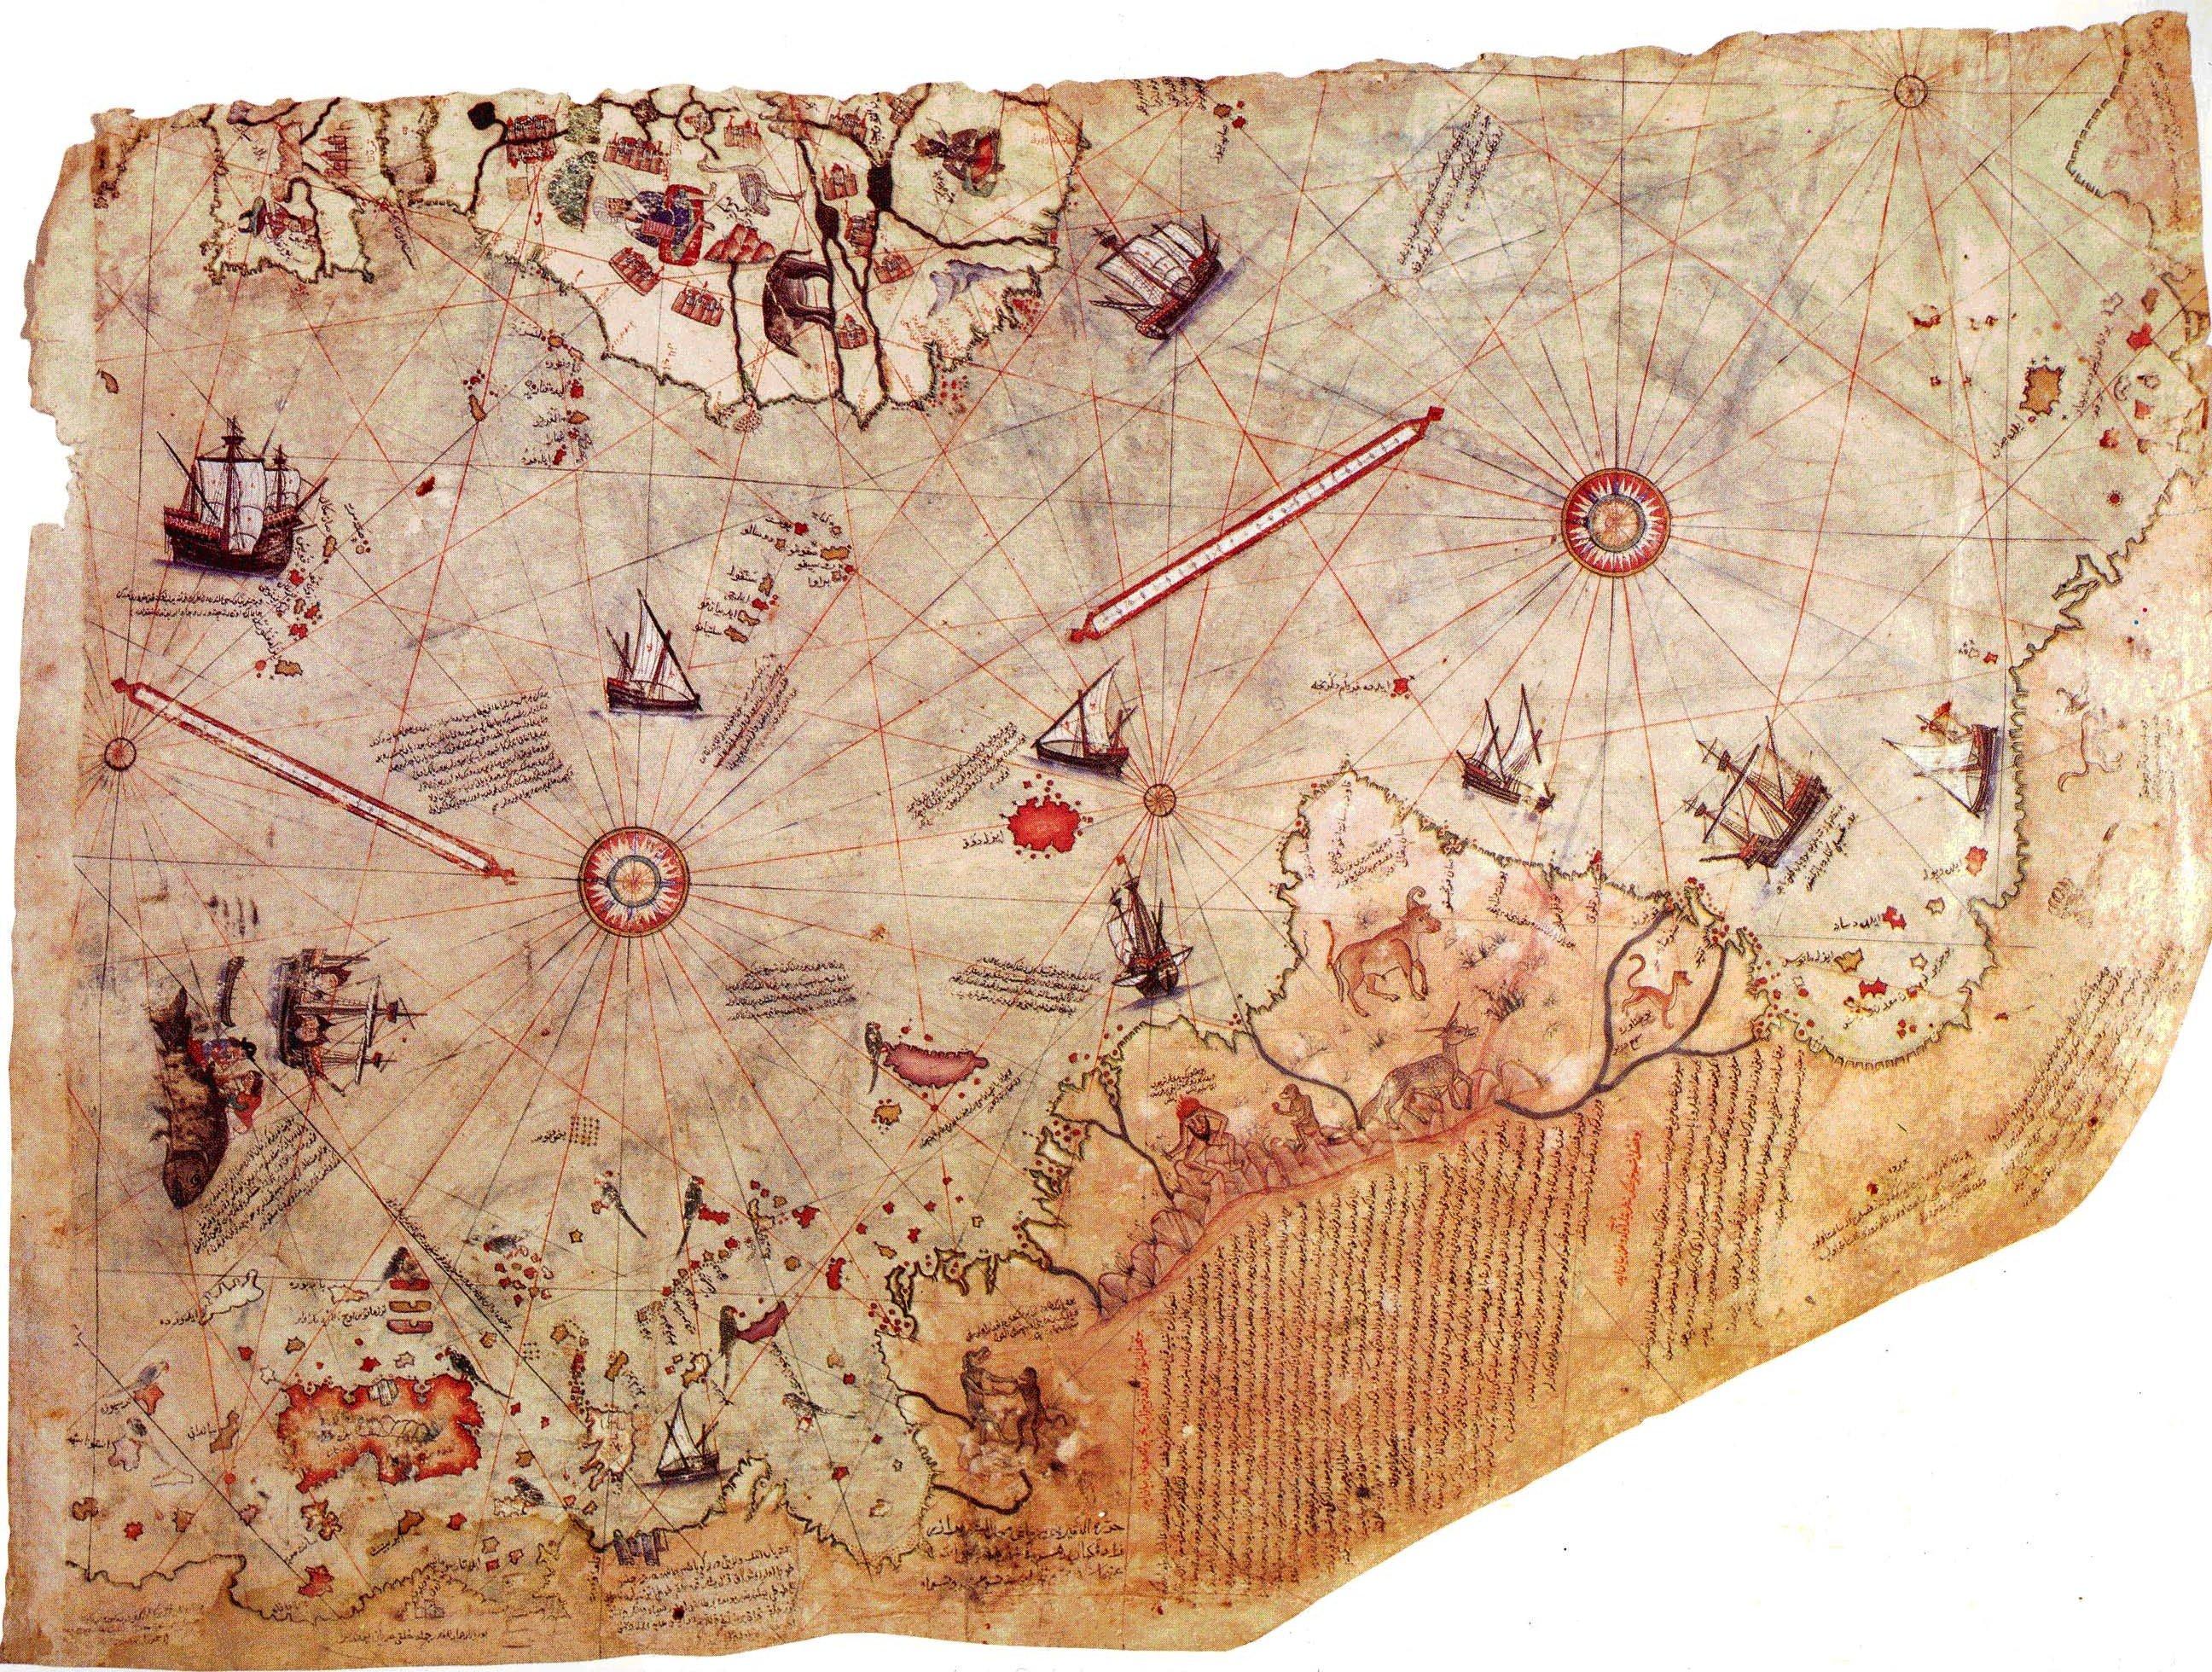 Карта Пири Рейса 1513